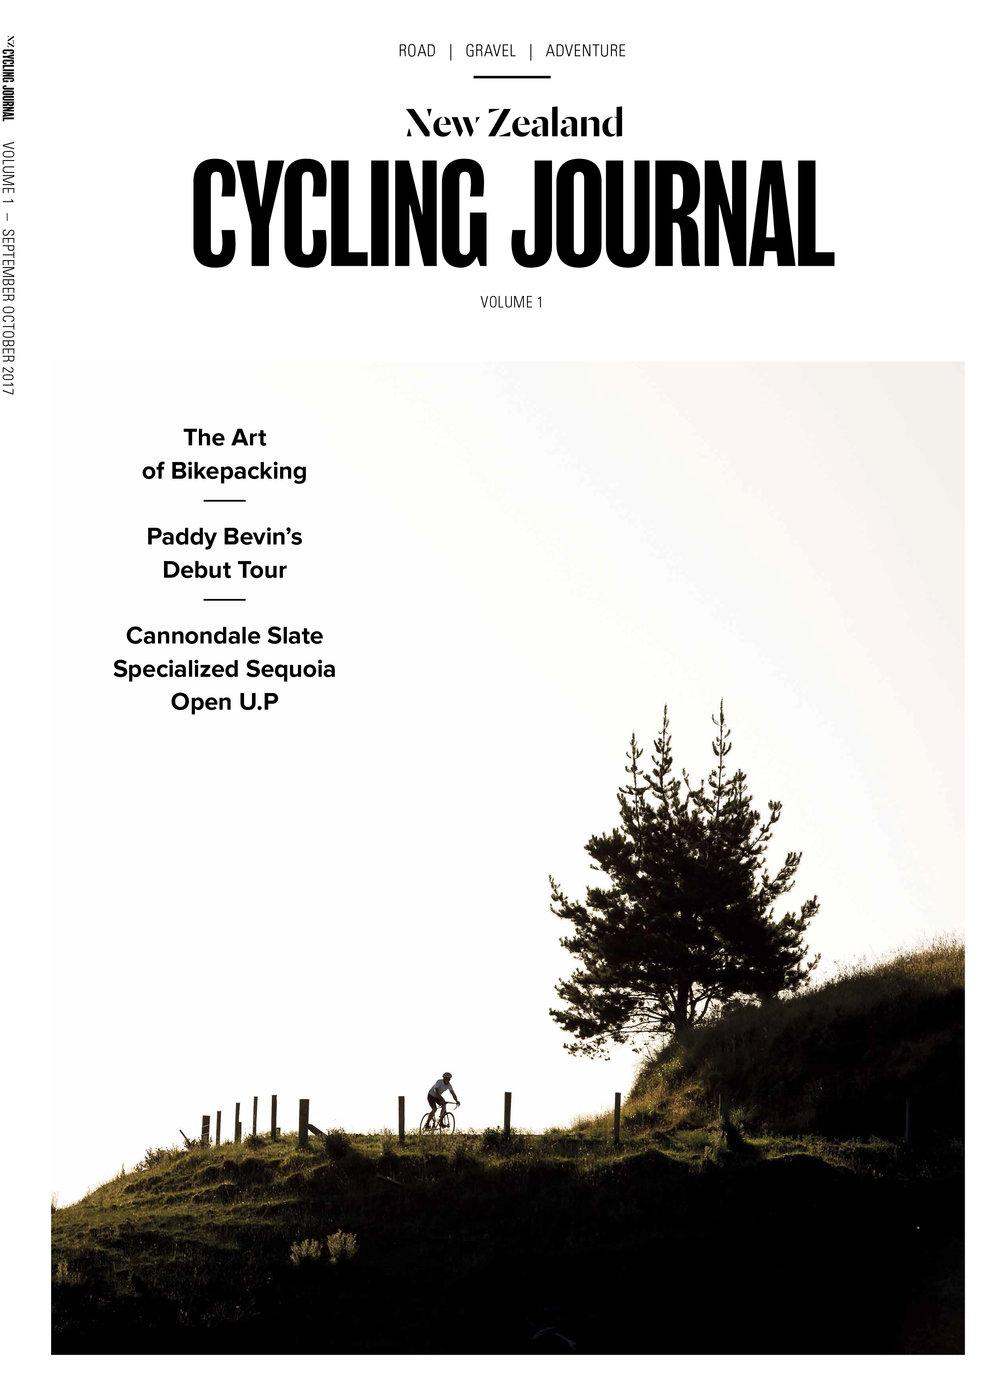 NZ Cycling Journal - Vol.1 Cover.jpg